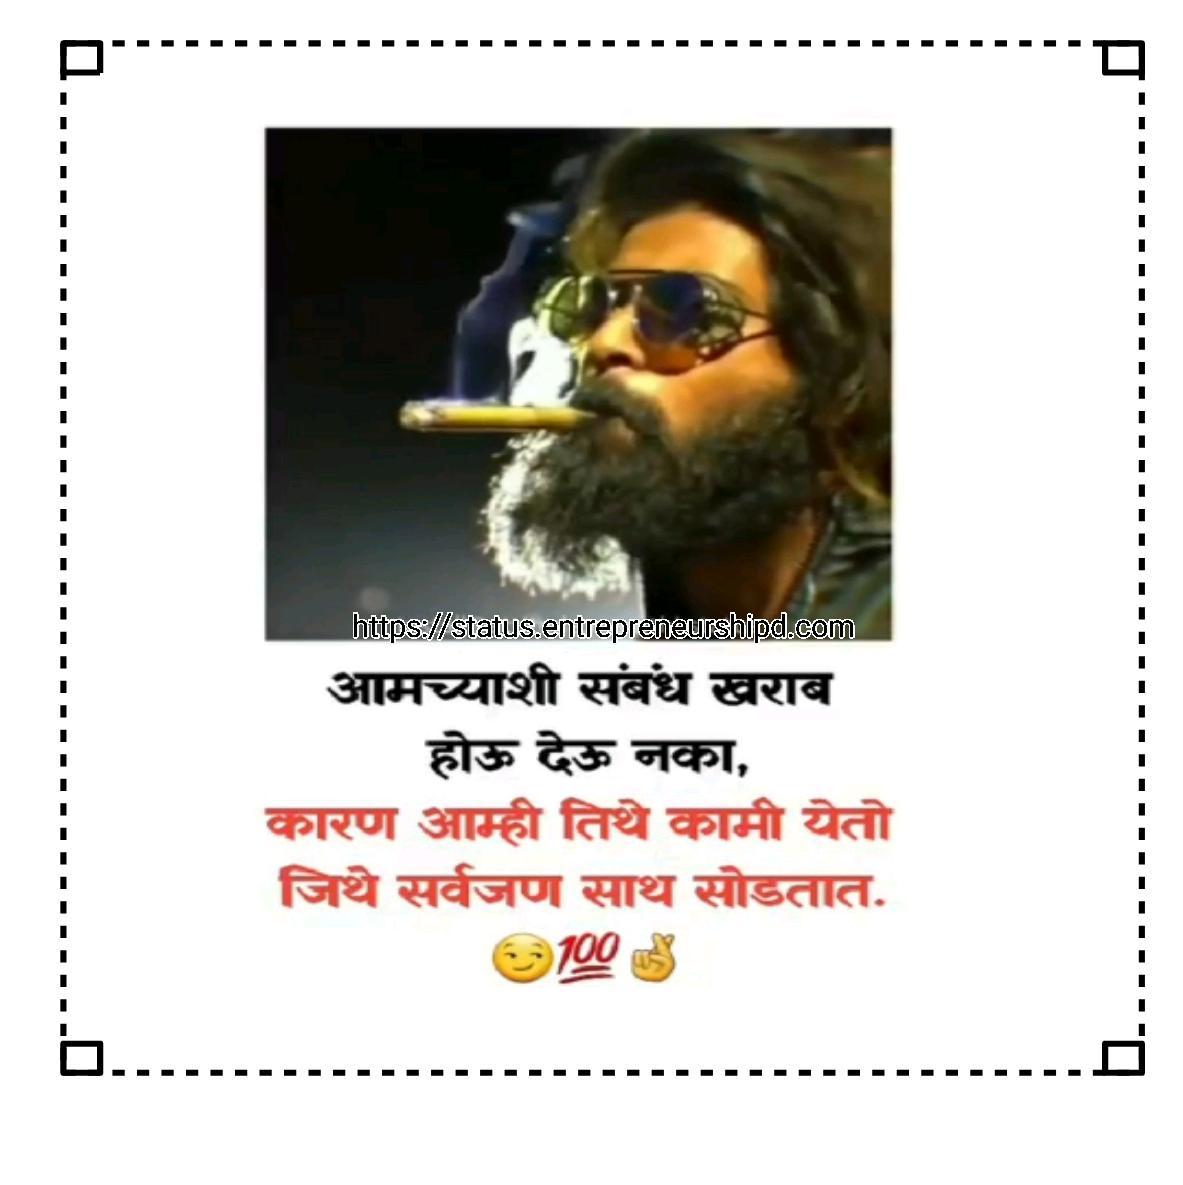 Marathi attitude status text Marathi angry attitude status Marathi alone attitude status Marathi a attitude status Marathi attitude status boy